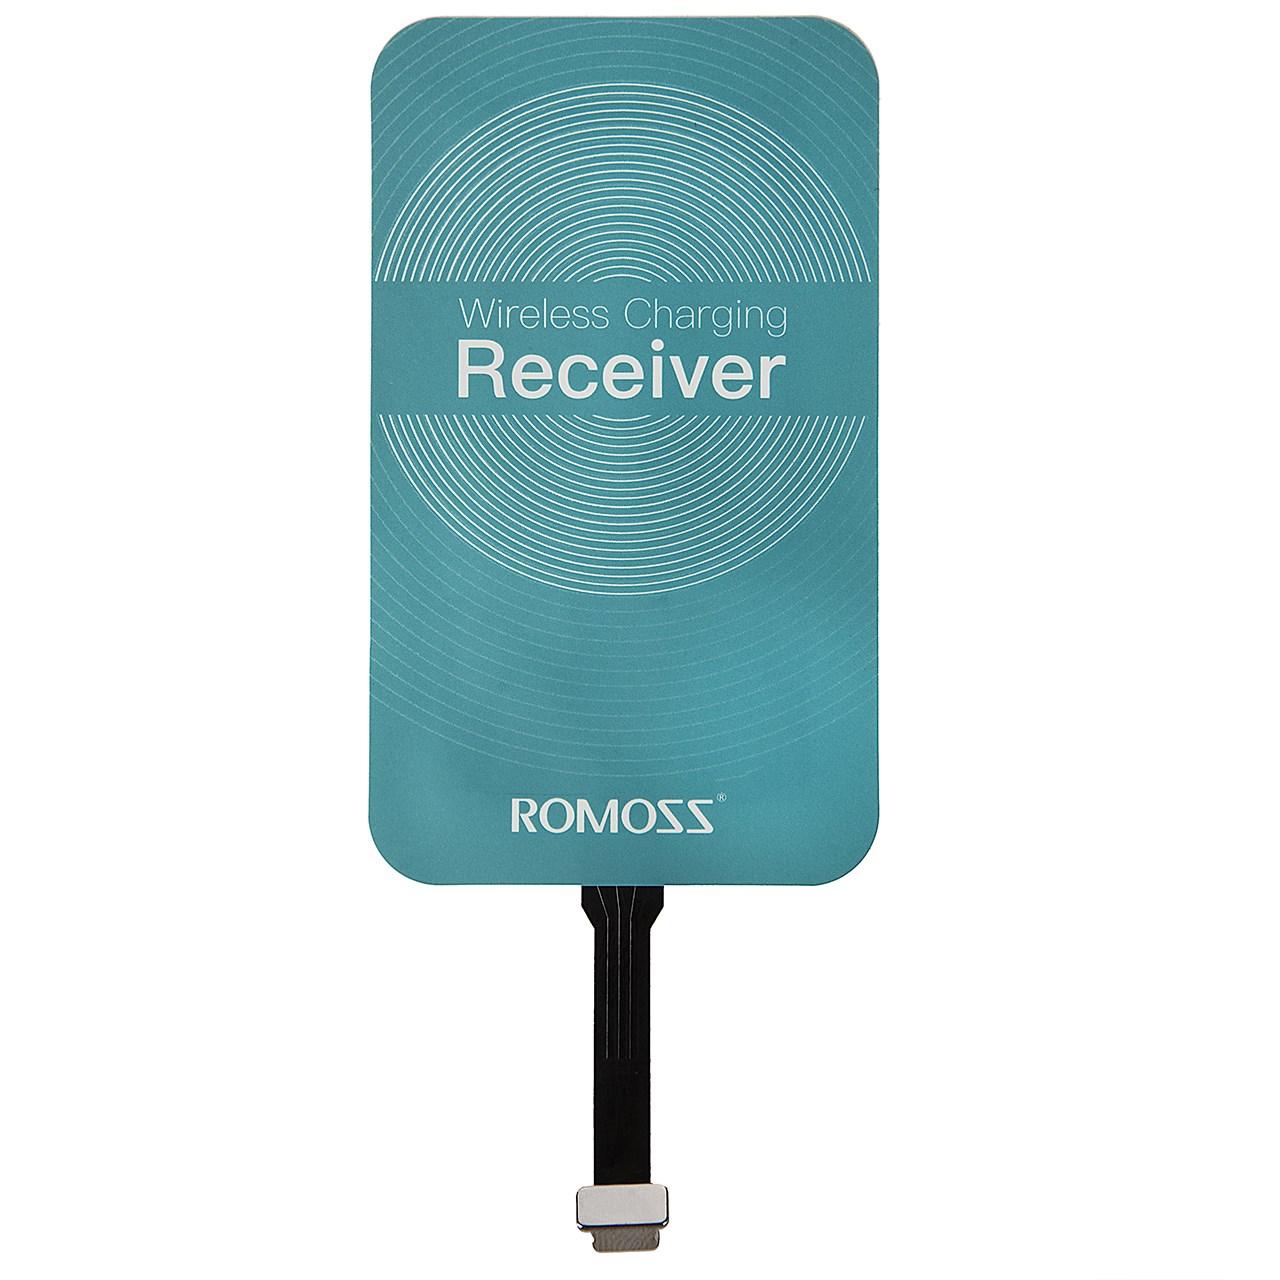 گیرنده شارژر بی سیم روموس مدل RL02 مناسب برای گوشی موبایل آیفون 6 پلاس/6s پلاس